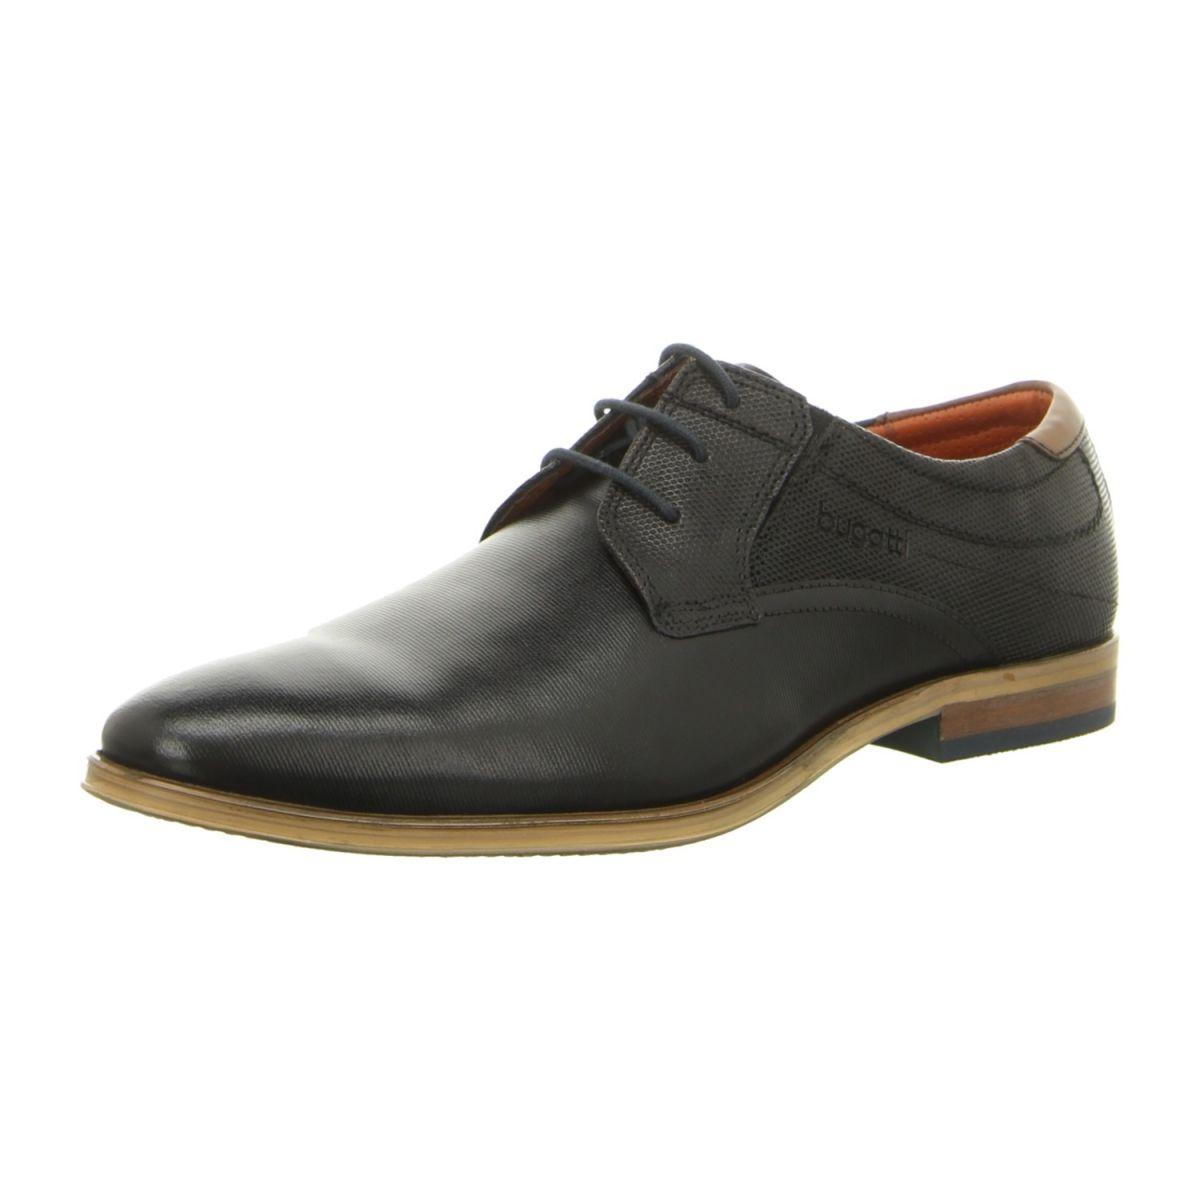 NEU: Bugatti Schnürer Business Schuhe Lucius 311 23403